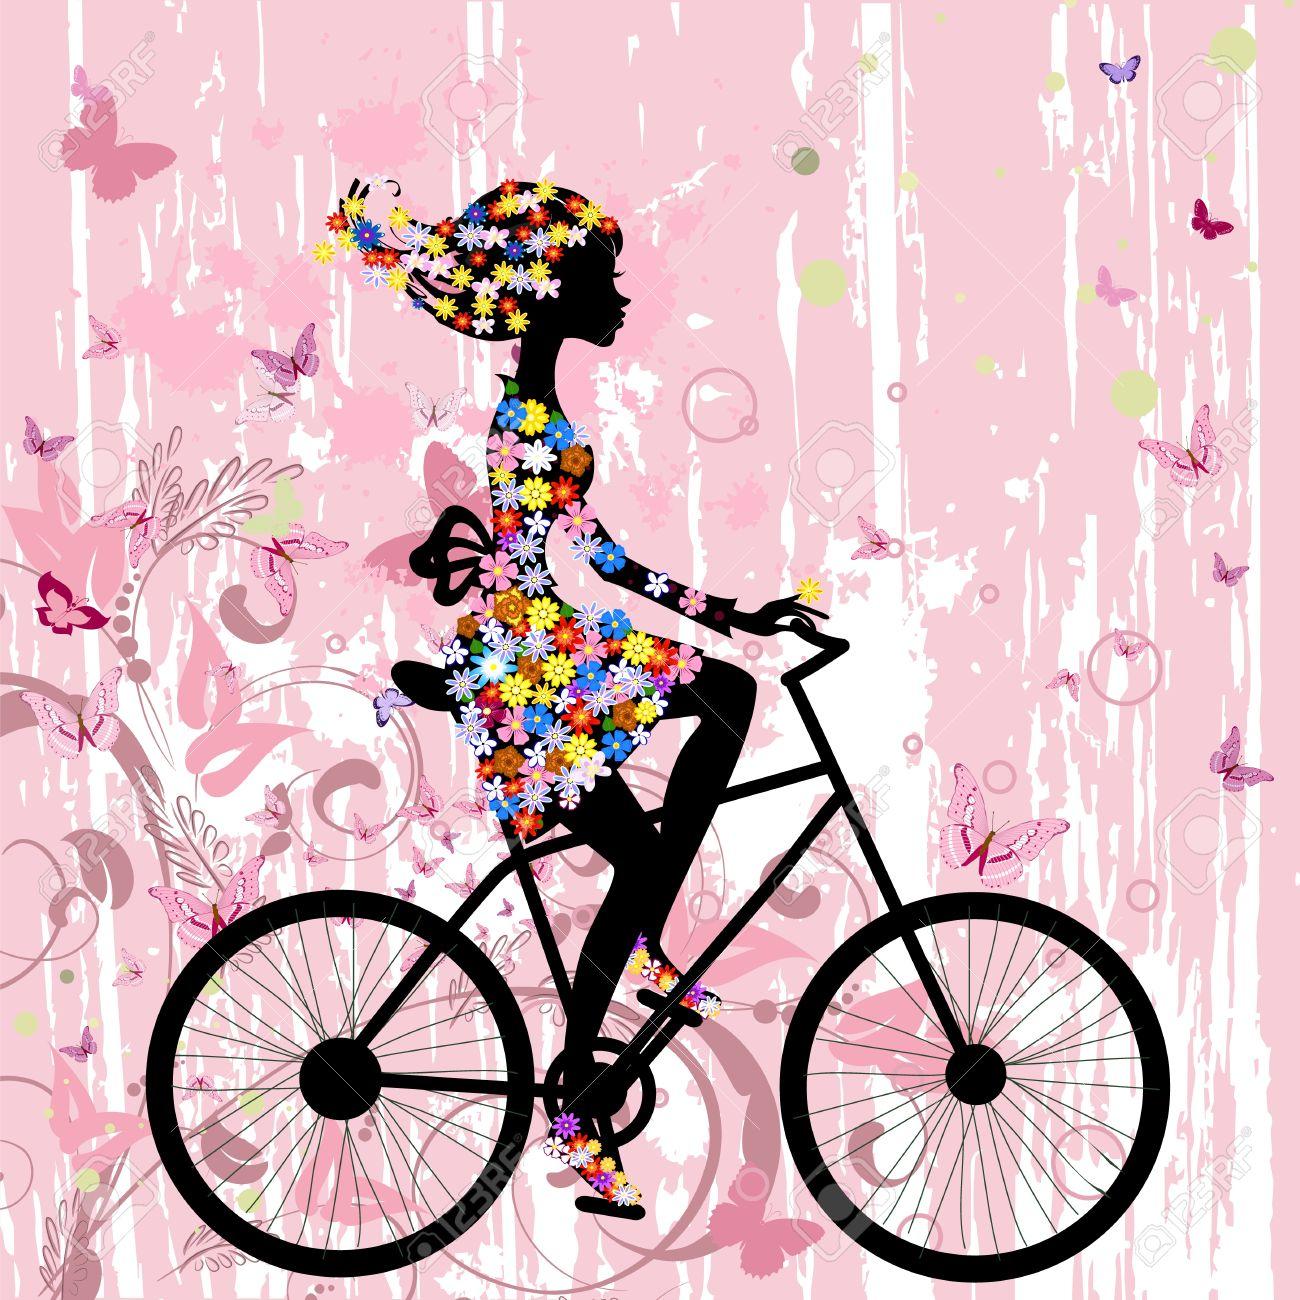 Girl on bike grunge romantic Stock Vector - 10531908